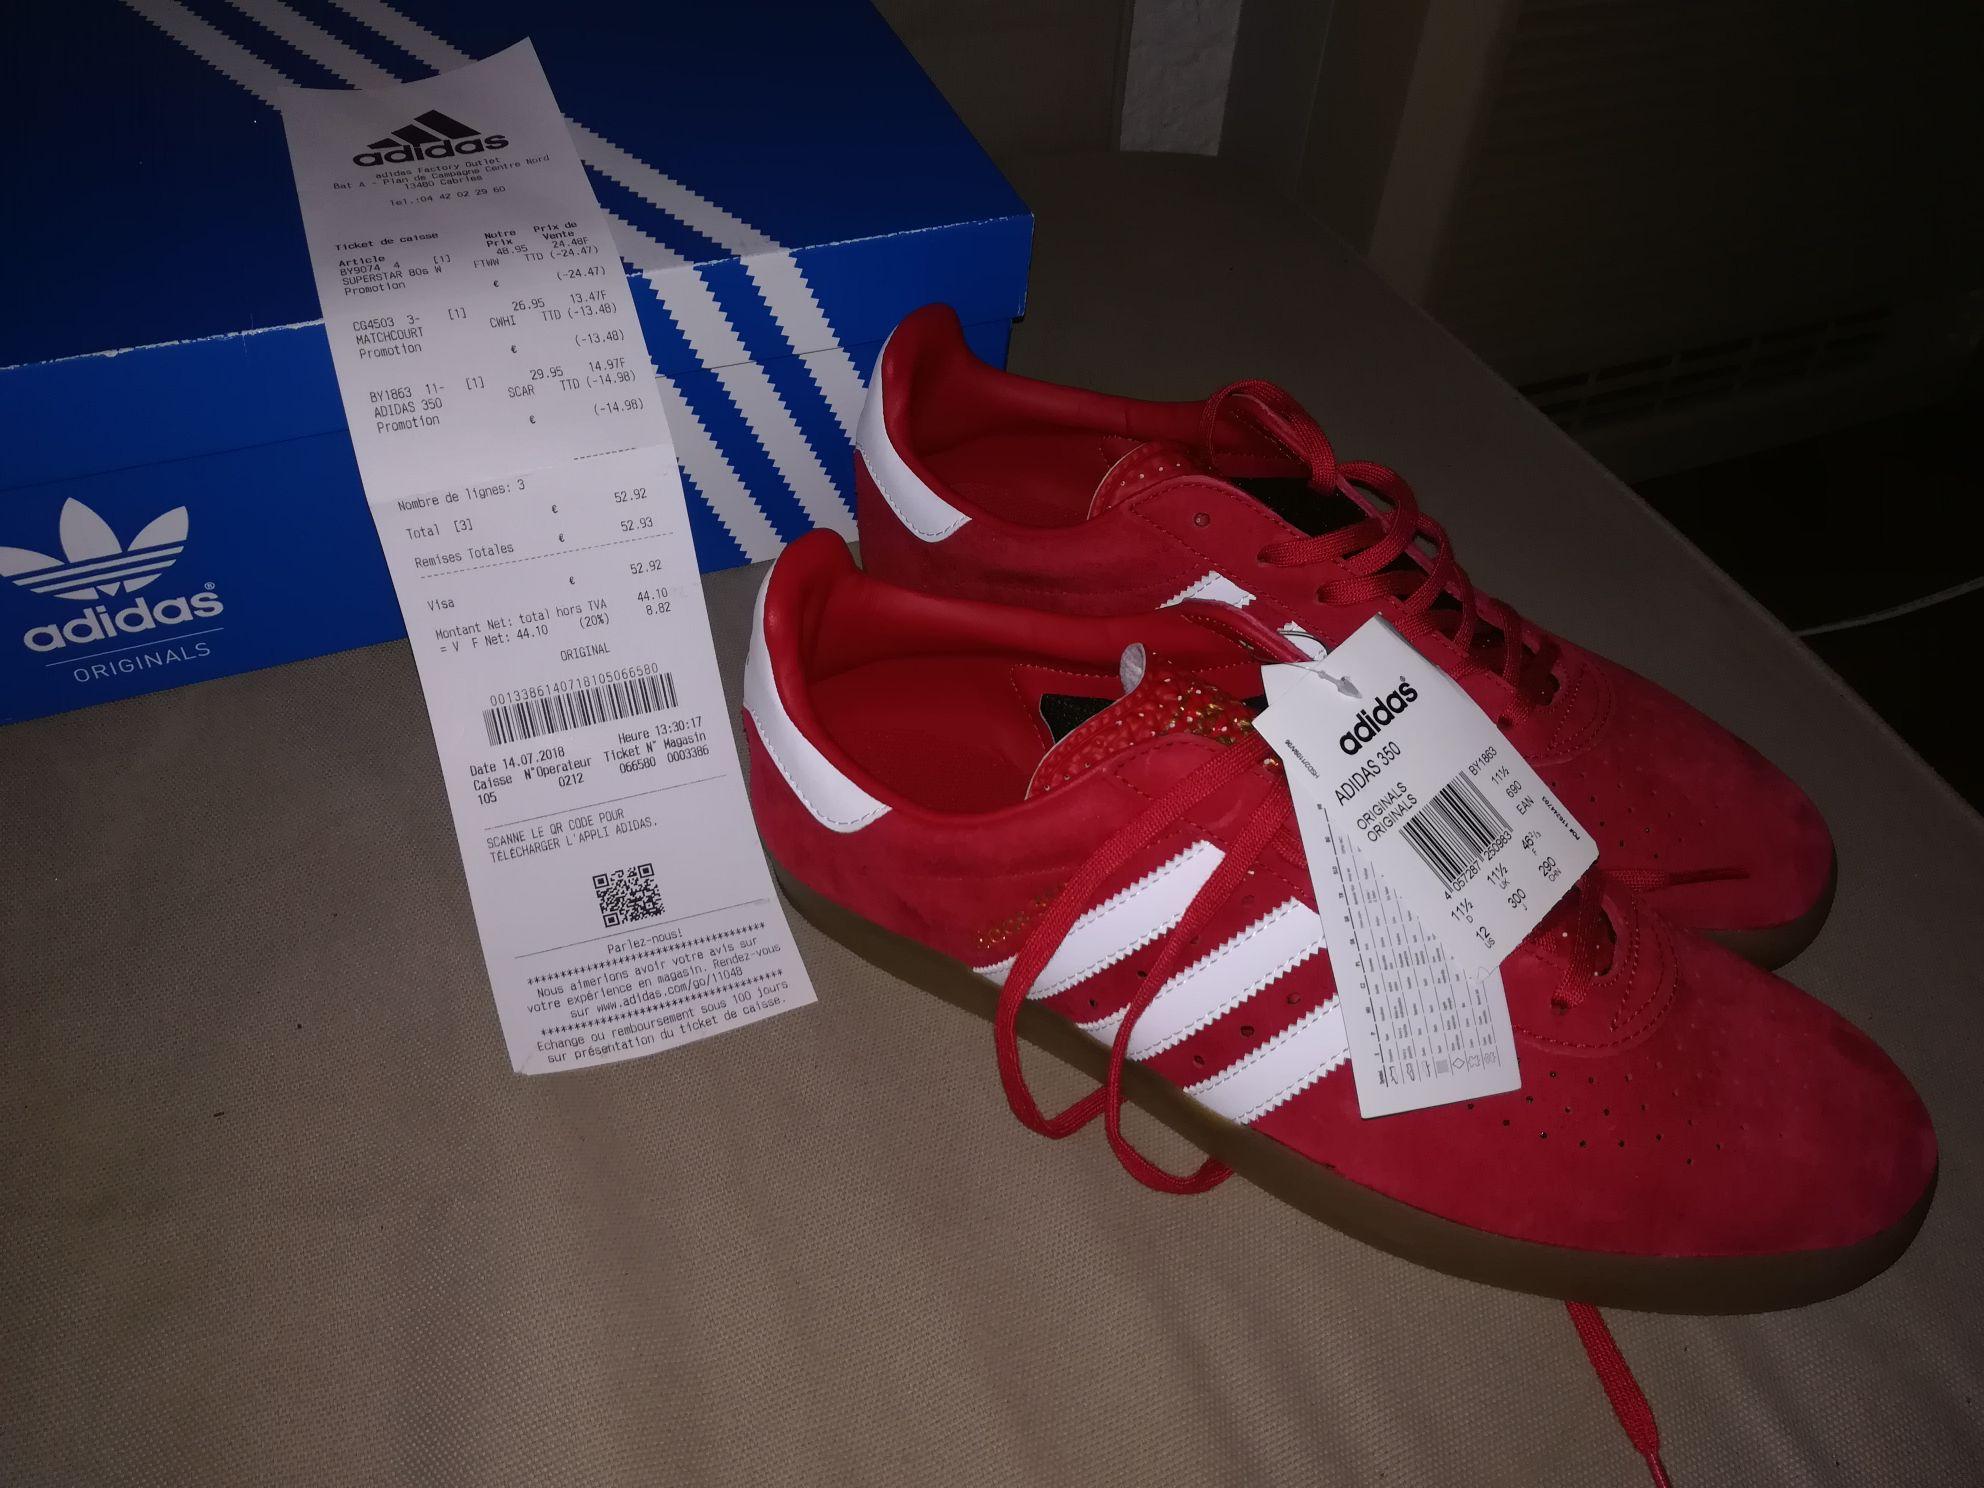 Paire de chaussures Adidas original 350 (Rouge) - Plan de campagne (13)